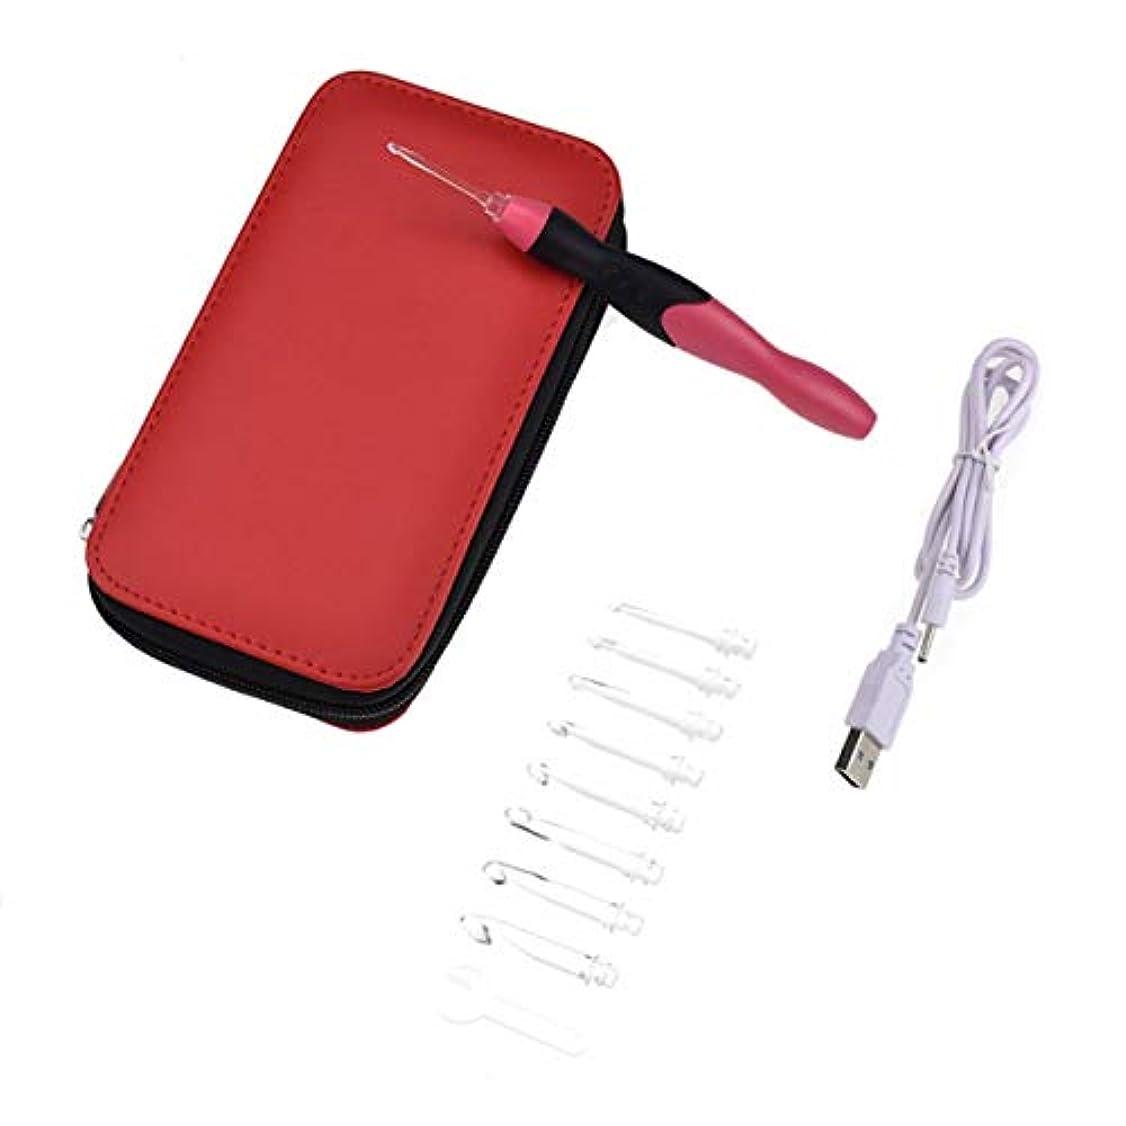 強風マエストロれるSaikogoods USB充電式 ライトアップかぎ針編みのフックセット 収納袋付き9つの交換可能チップ LEDニッティング ソーイングクラフトツール 赤 黒